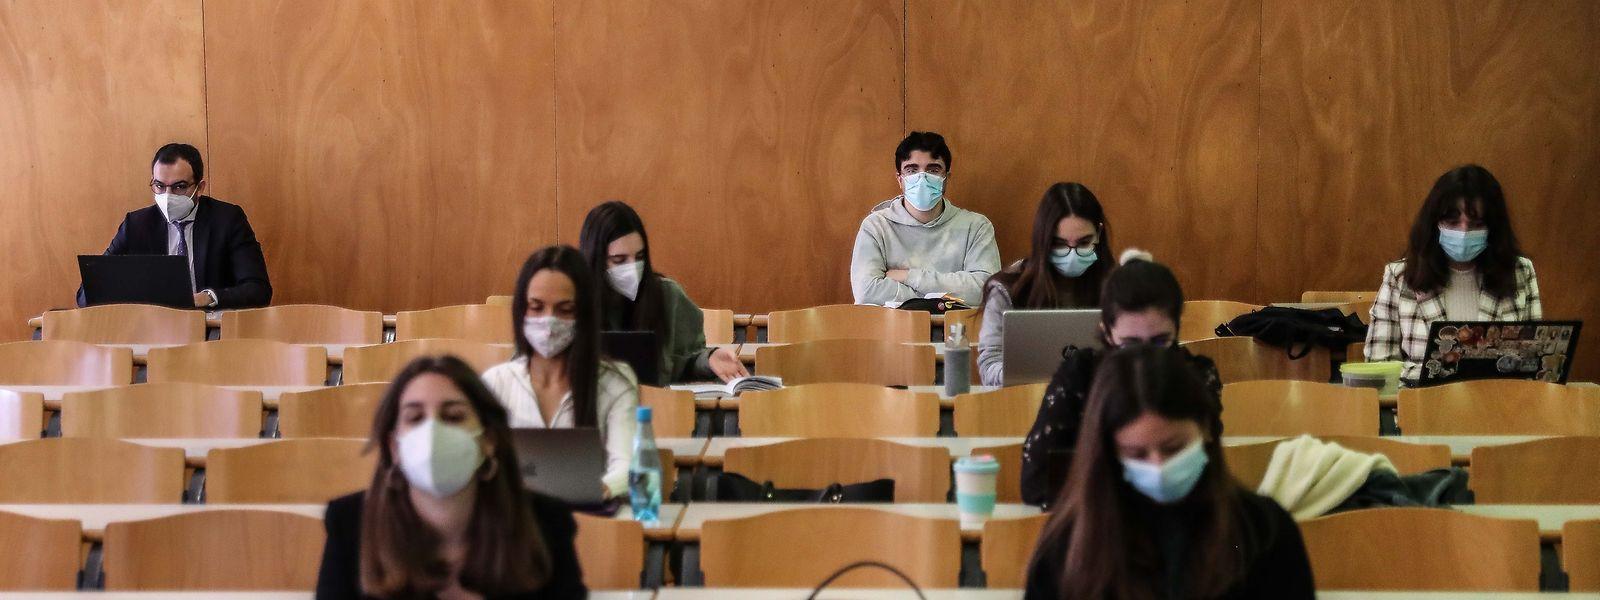 Alunos numa aula na Faculdade de Direito da Universidade de Lisboa.